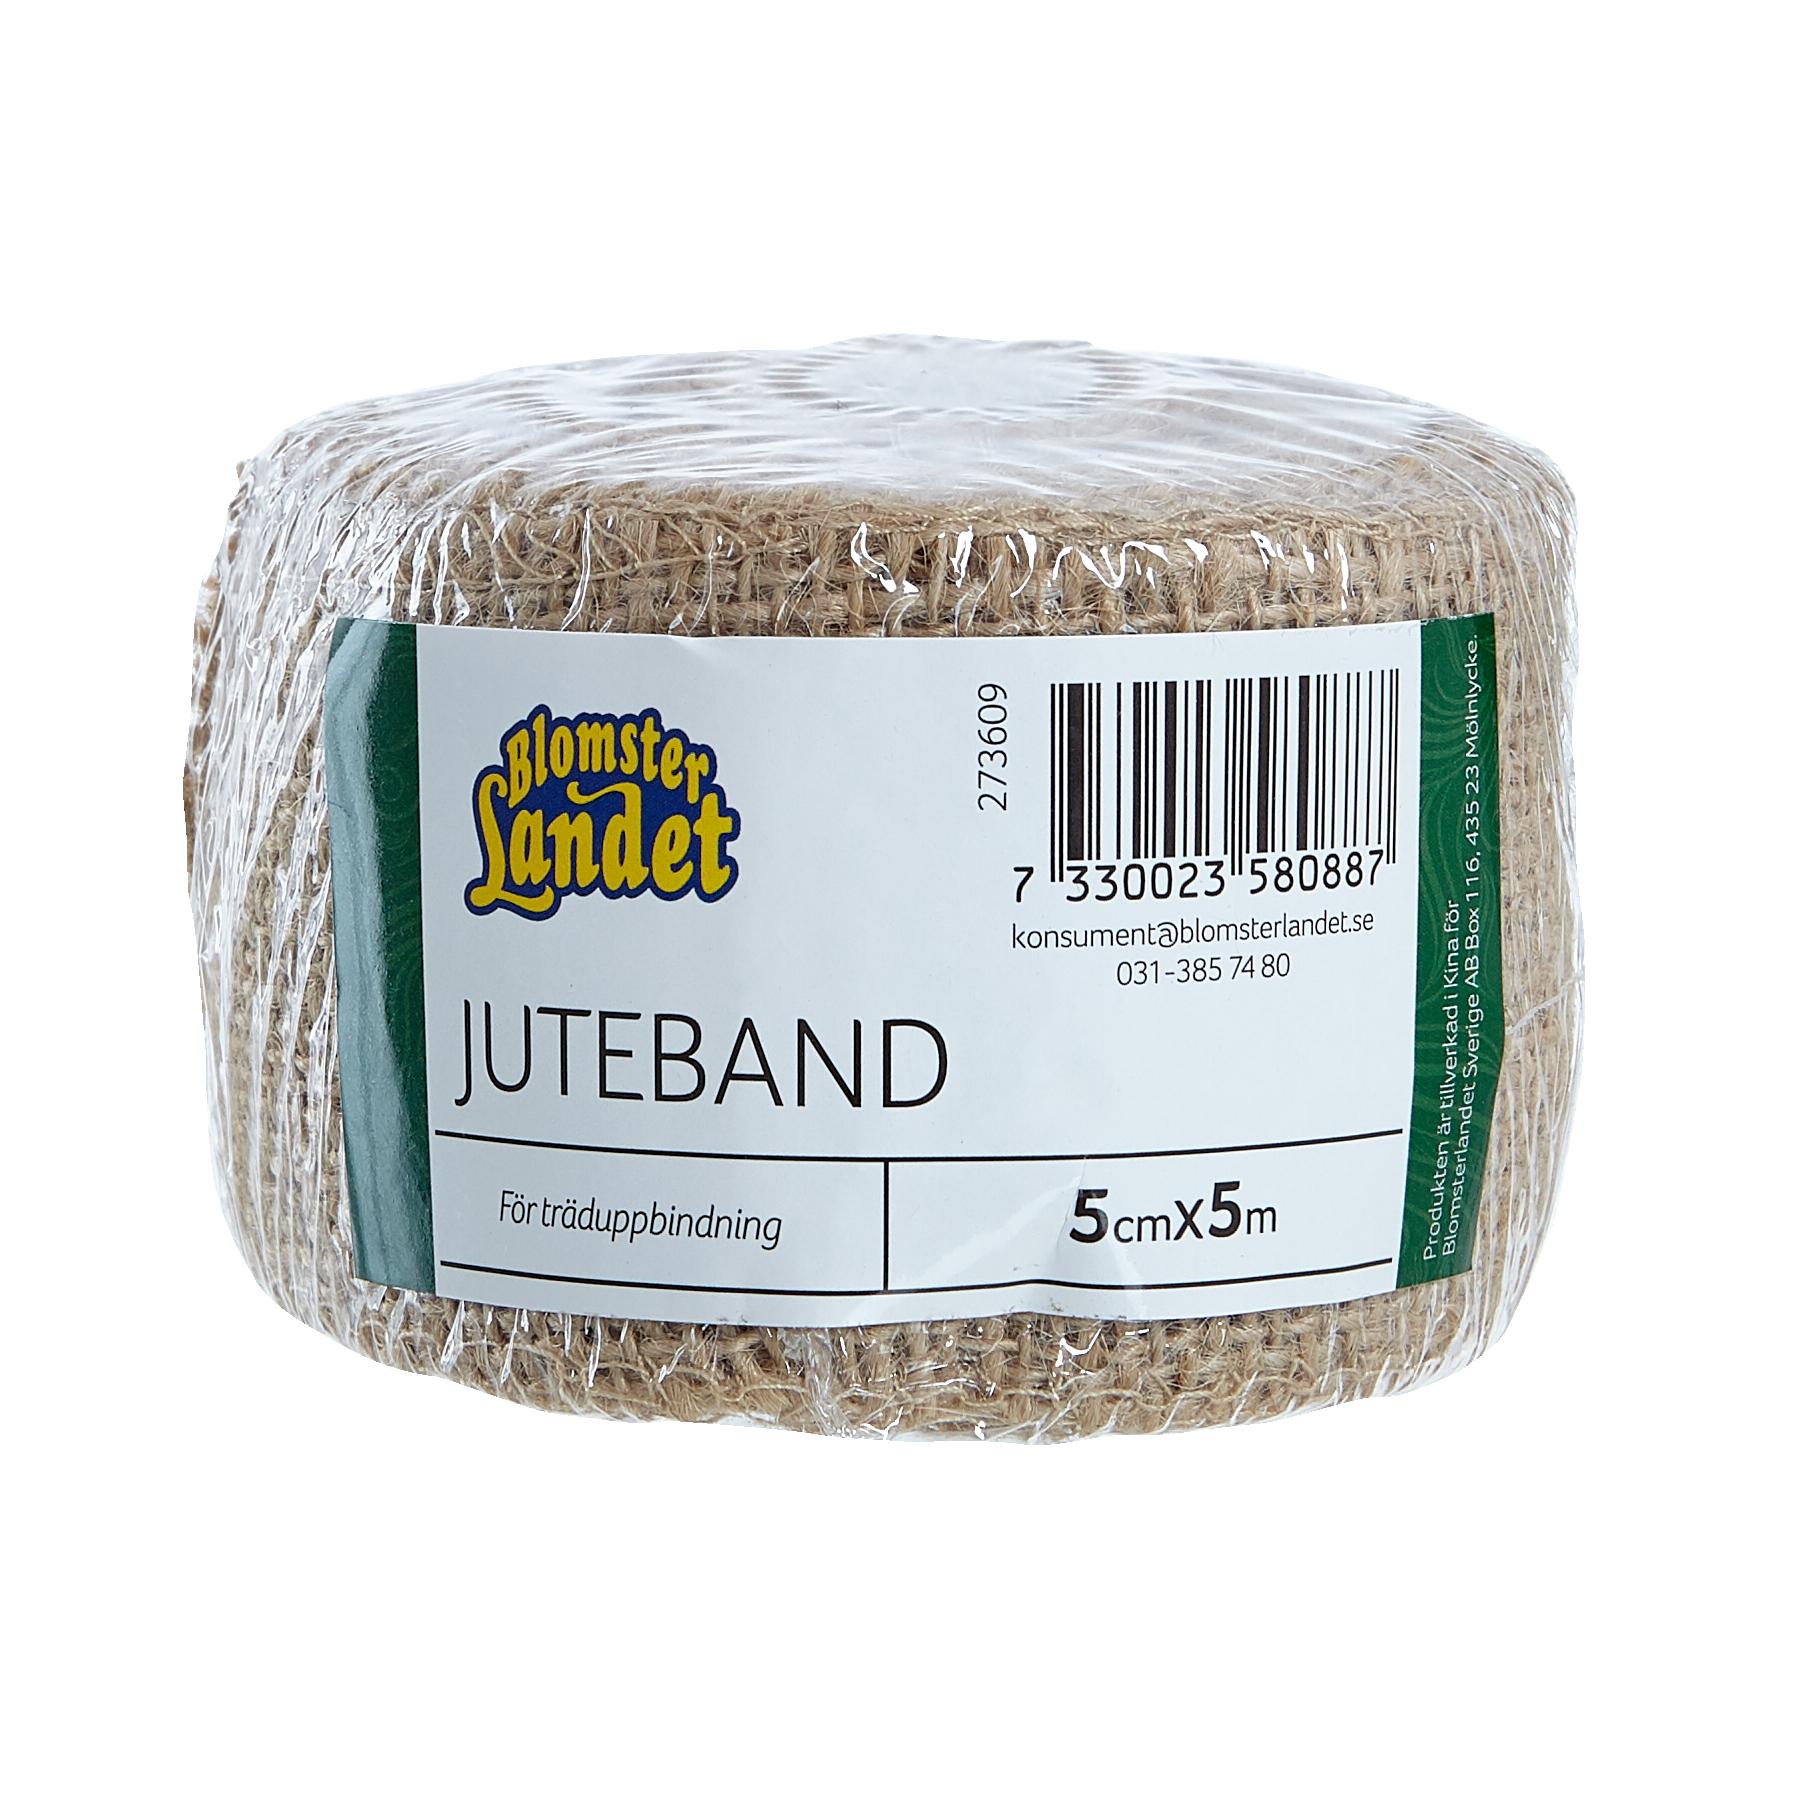 Produktbild på Juteband Blomsterlandet